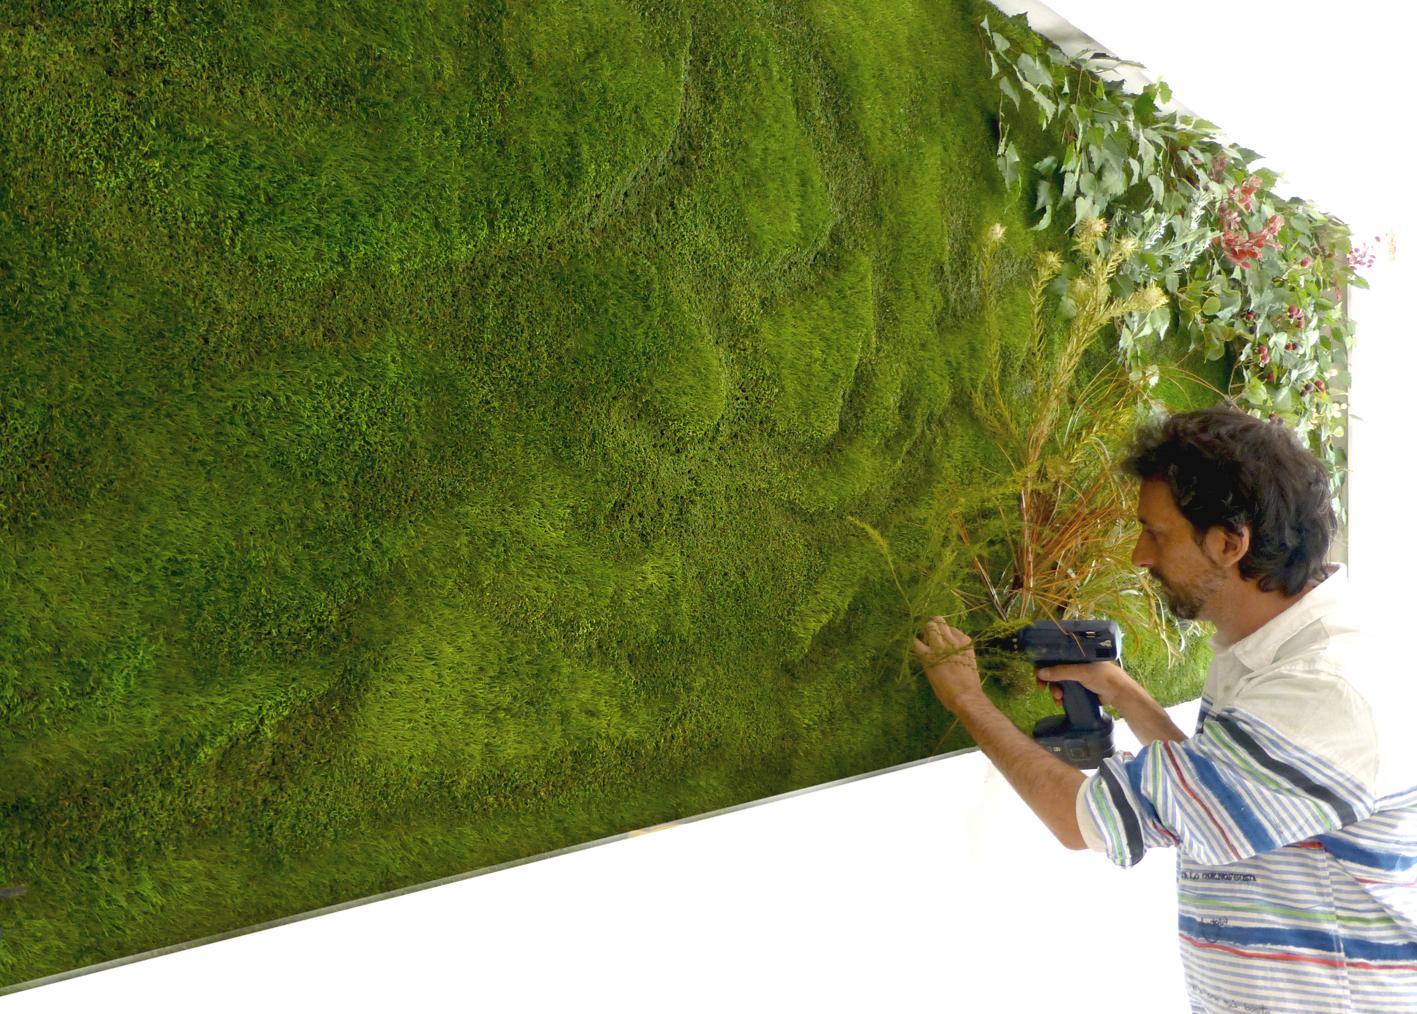 Cuaderno de campo y taller jard n vertcal artificial for Jardin verde